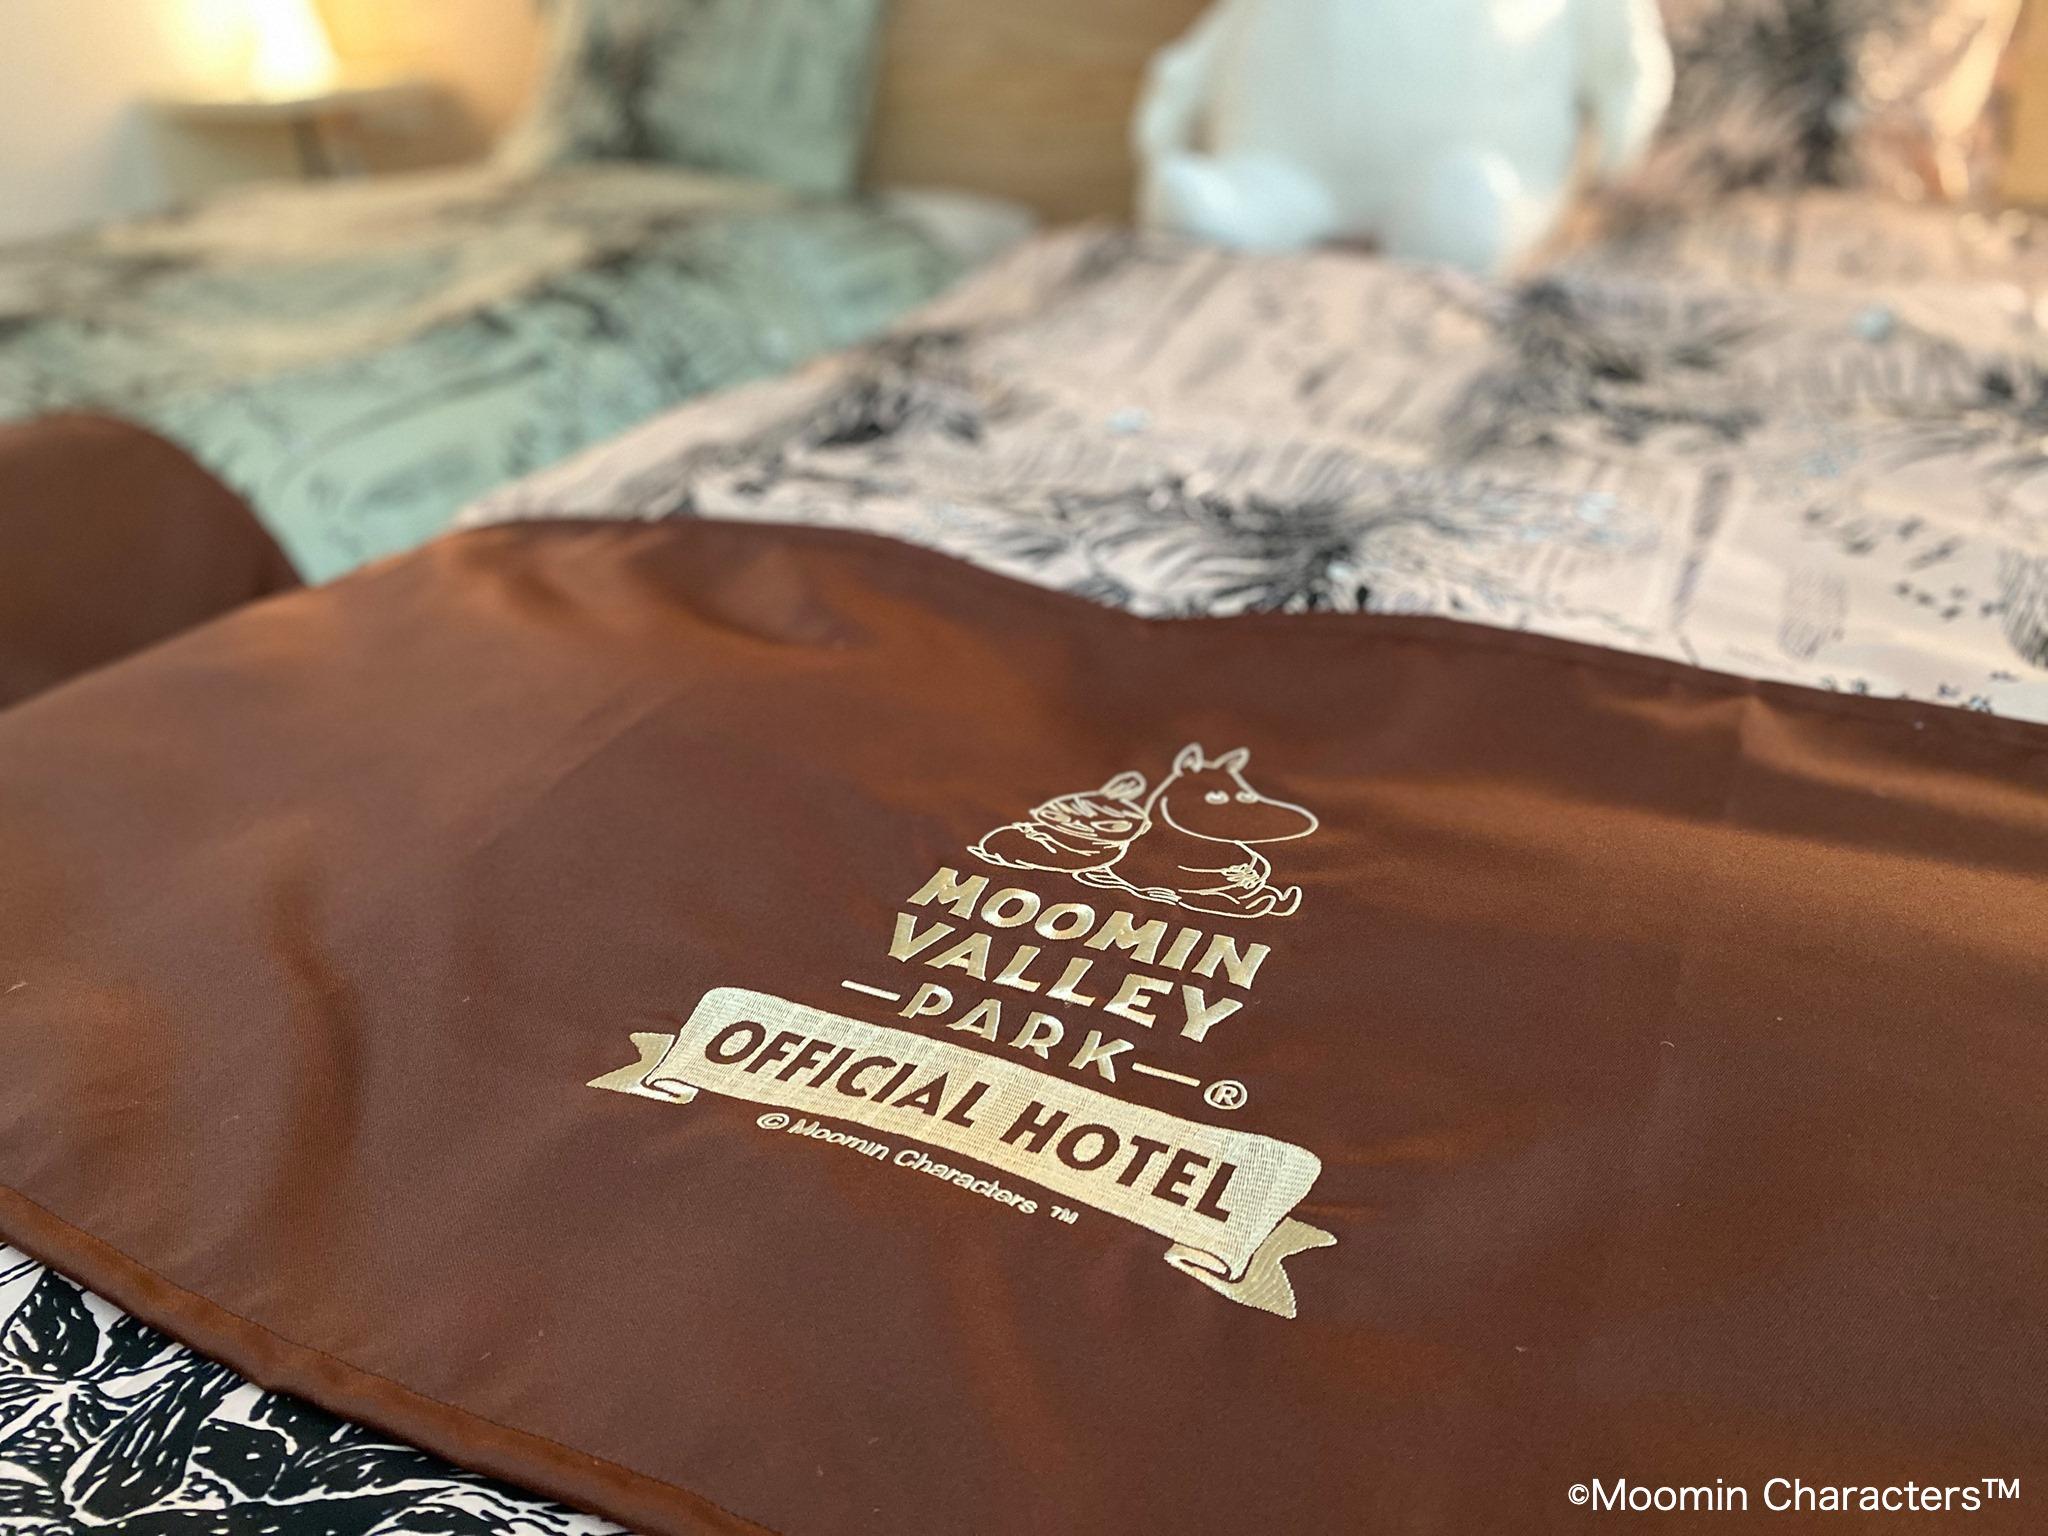 オフィシャルホテルを占めるベッドスロー